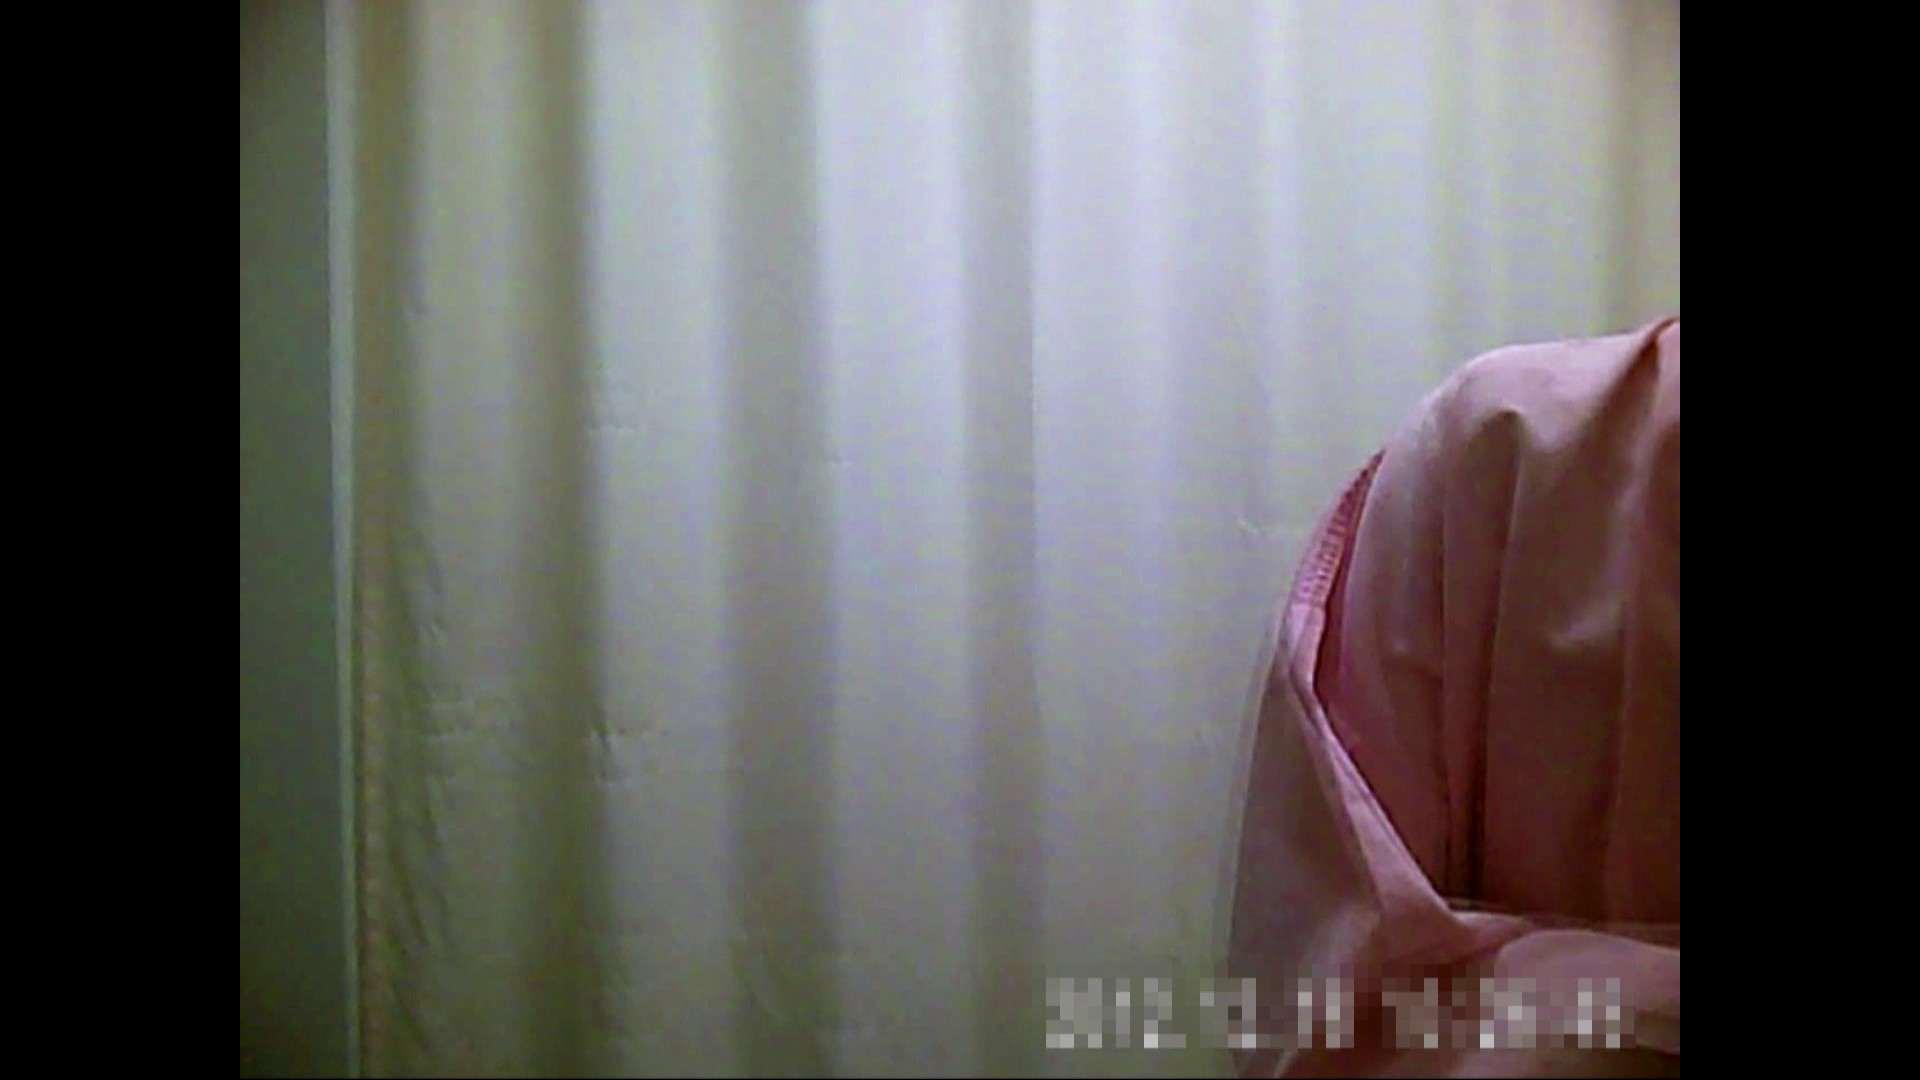 病院おもいっきり着替え! vol.180 OLの実態 盗撮オマンコ無修正動画無料 99pic 58